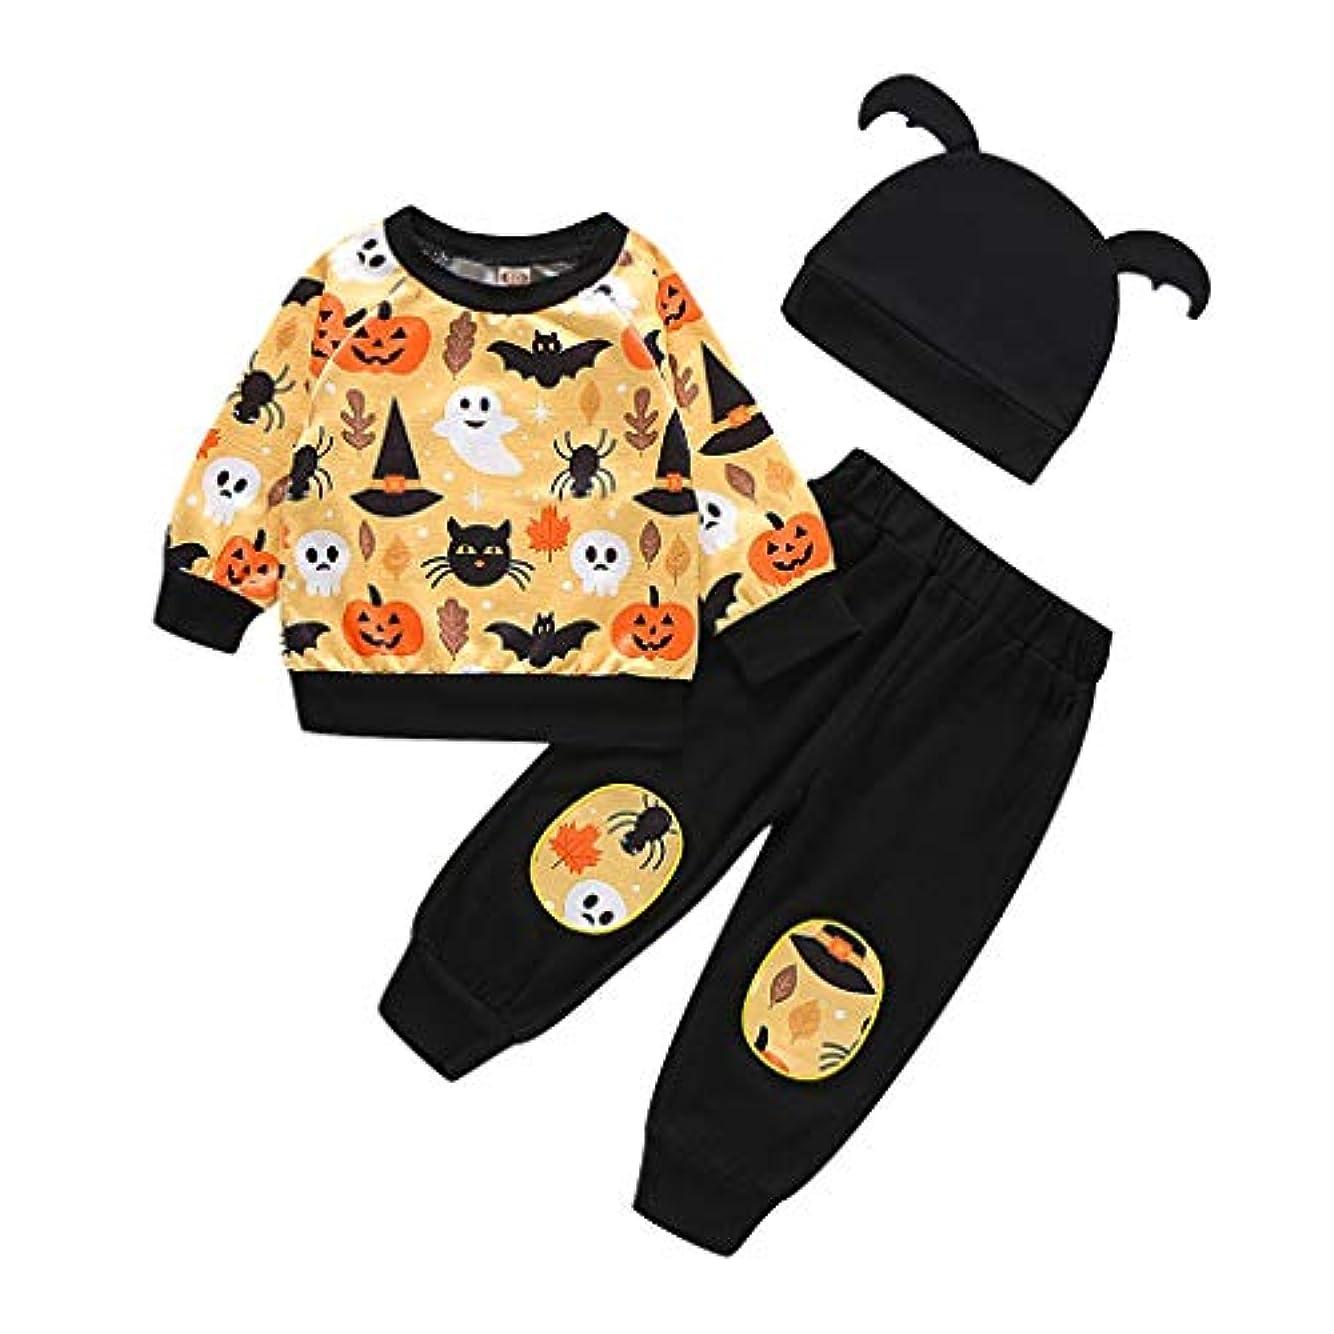 移住する意志に反する実り多いMISFIY 新生児 赤ちゃん ベビー服 子供 上下セット 帽子 パジャマ 綿 肌着 かわいい 柔らかい 誕生記念 出産祝い 寝相アートハロウィン